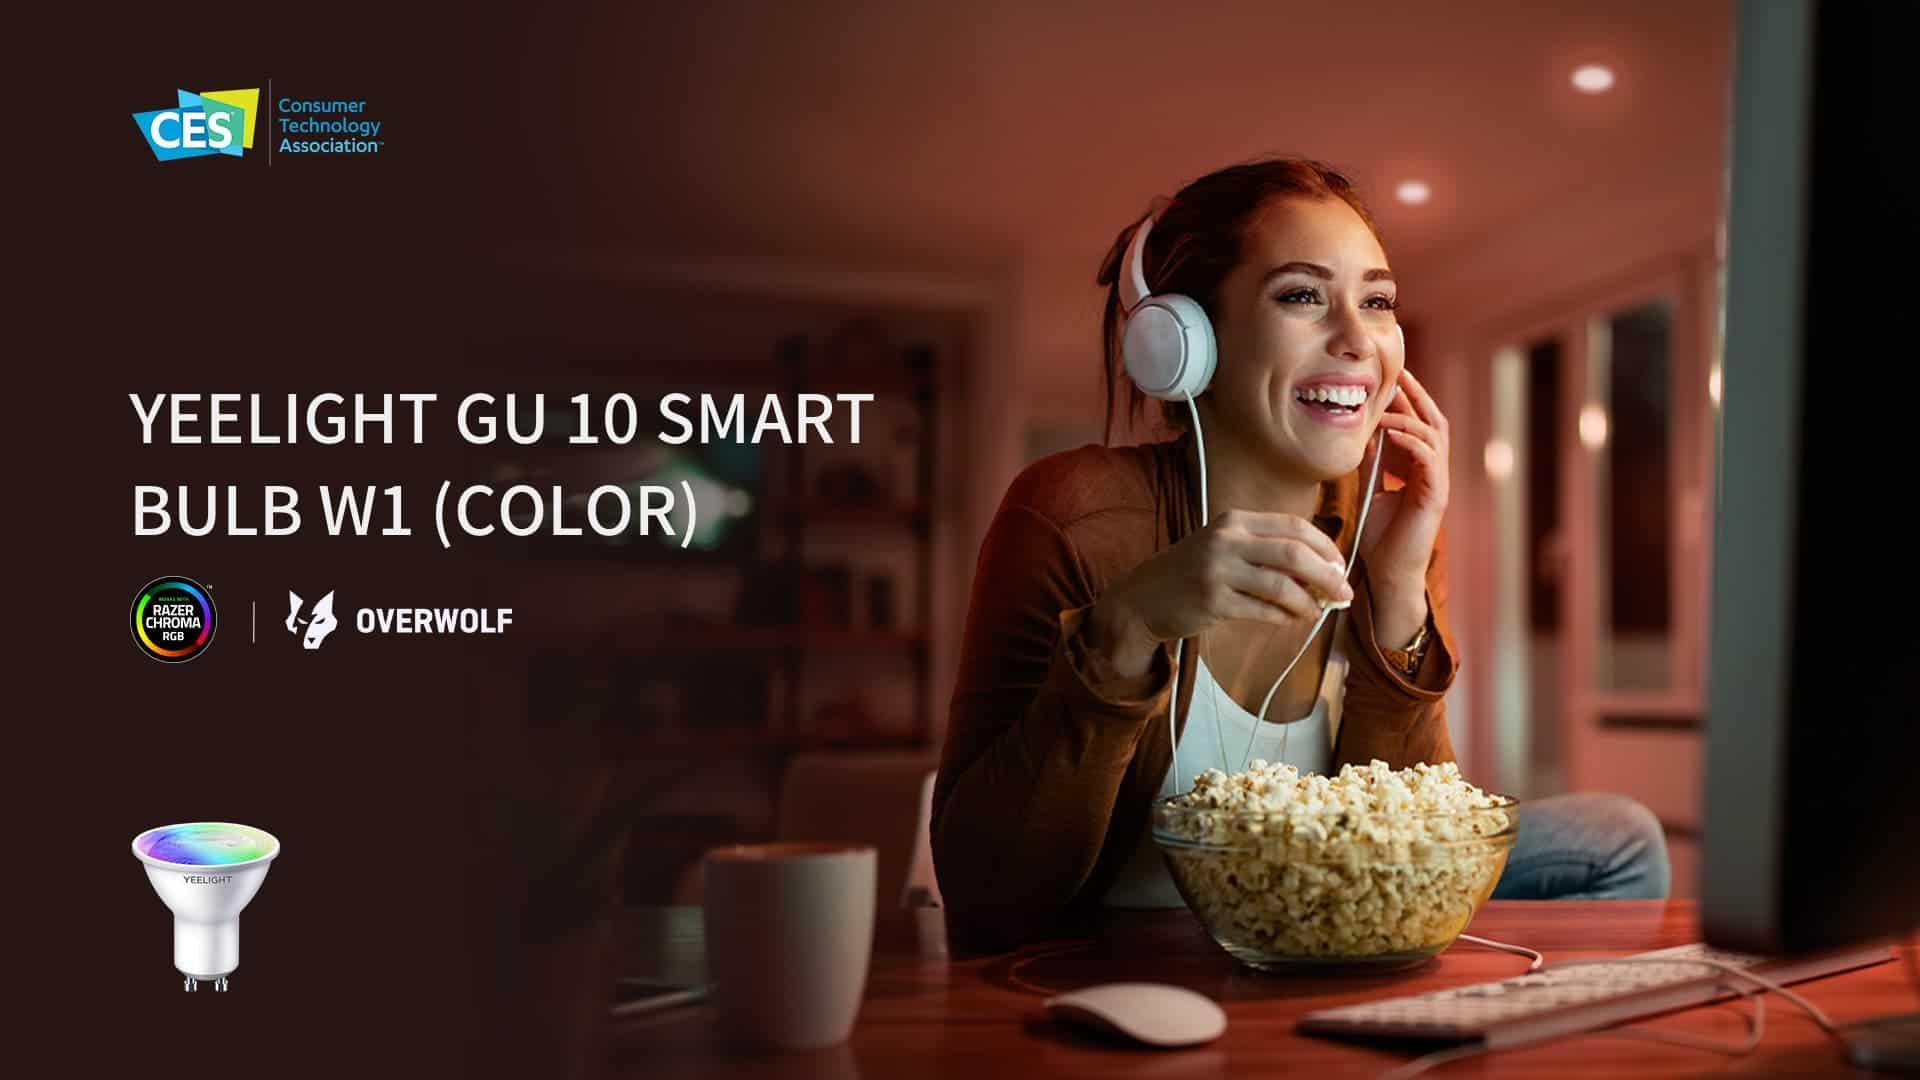 Yeelight GU10 Smart Bulb W1